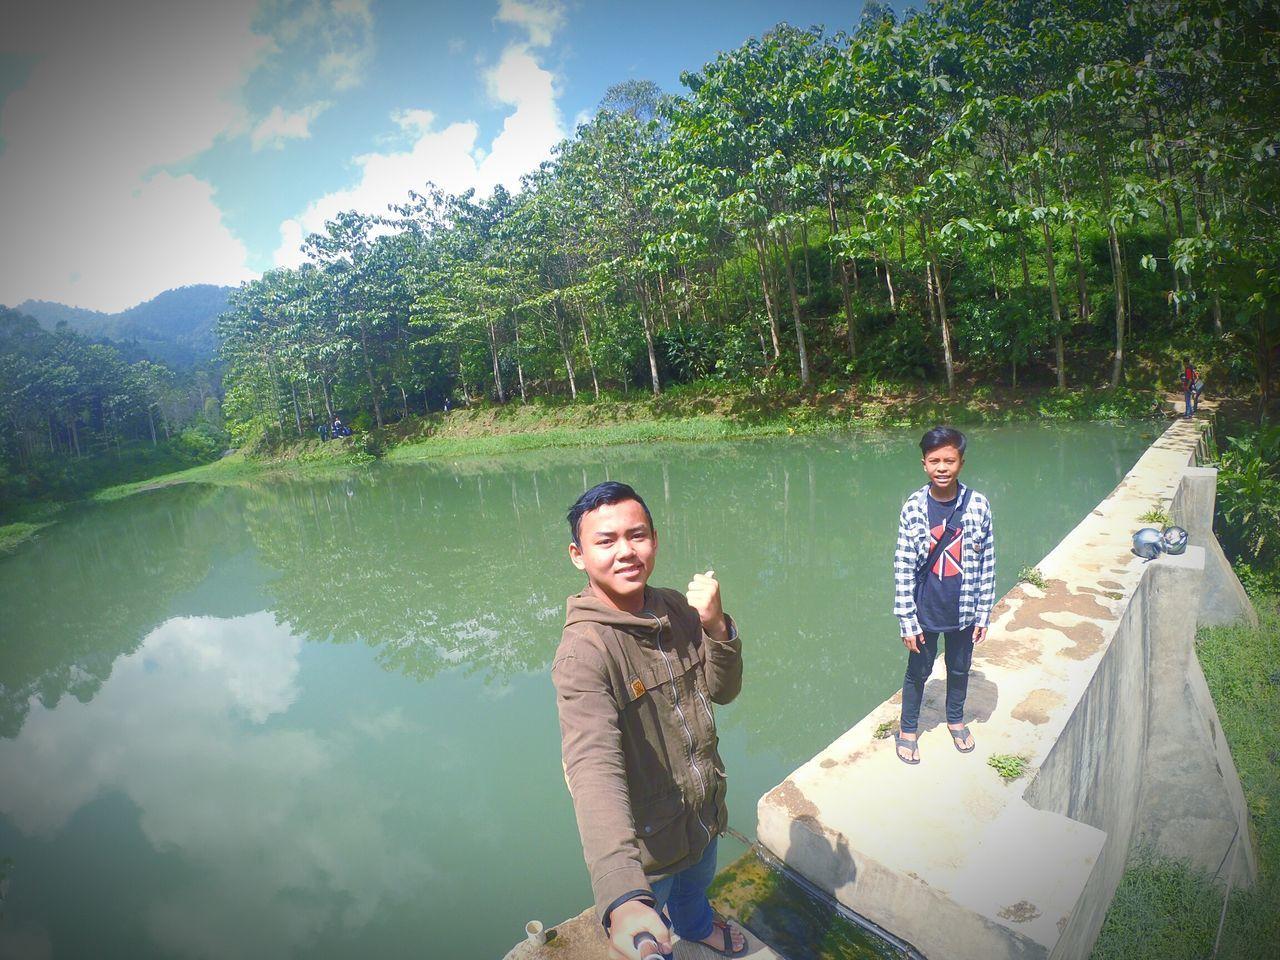 BandungIsMe Bandung Trip Sunday Morning